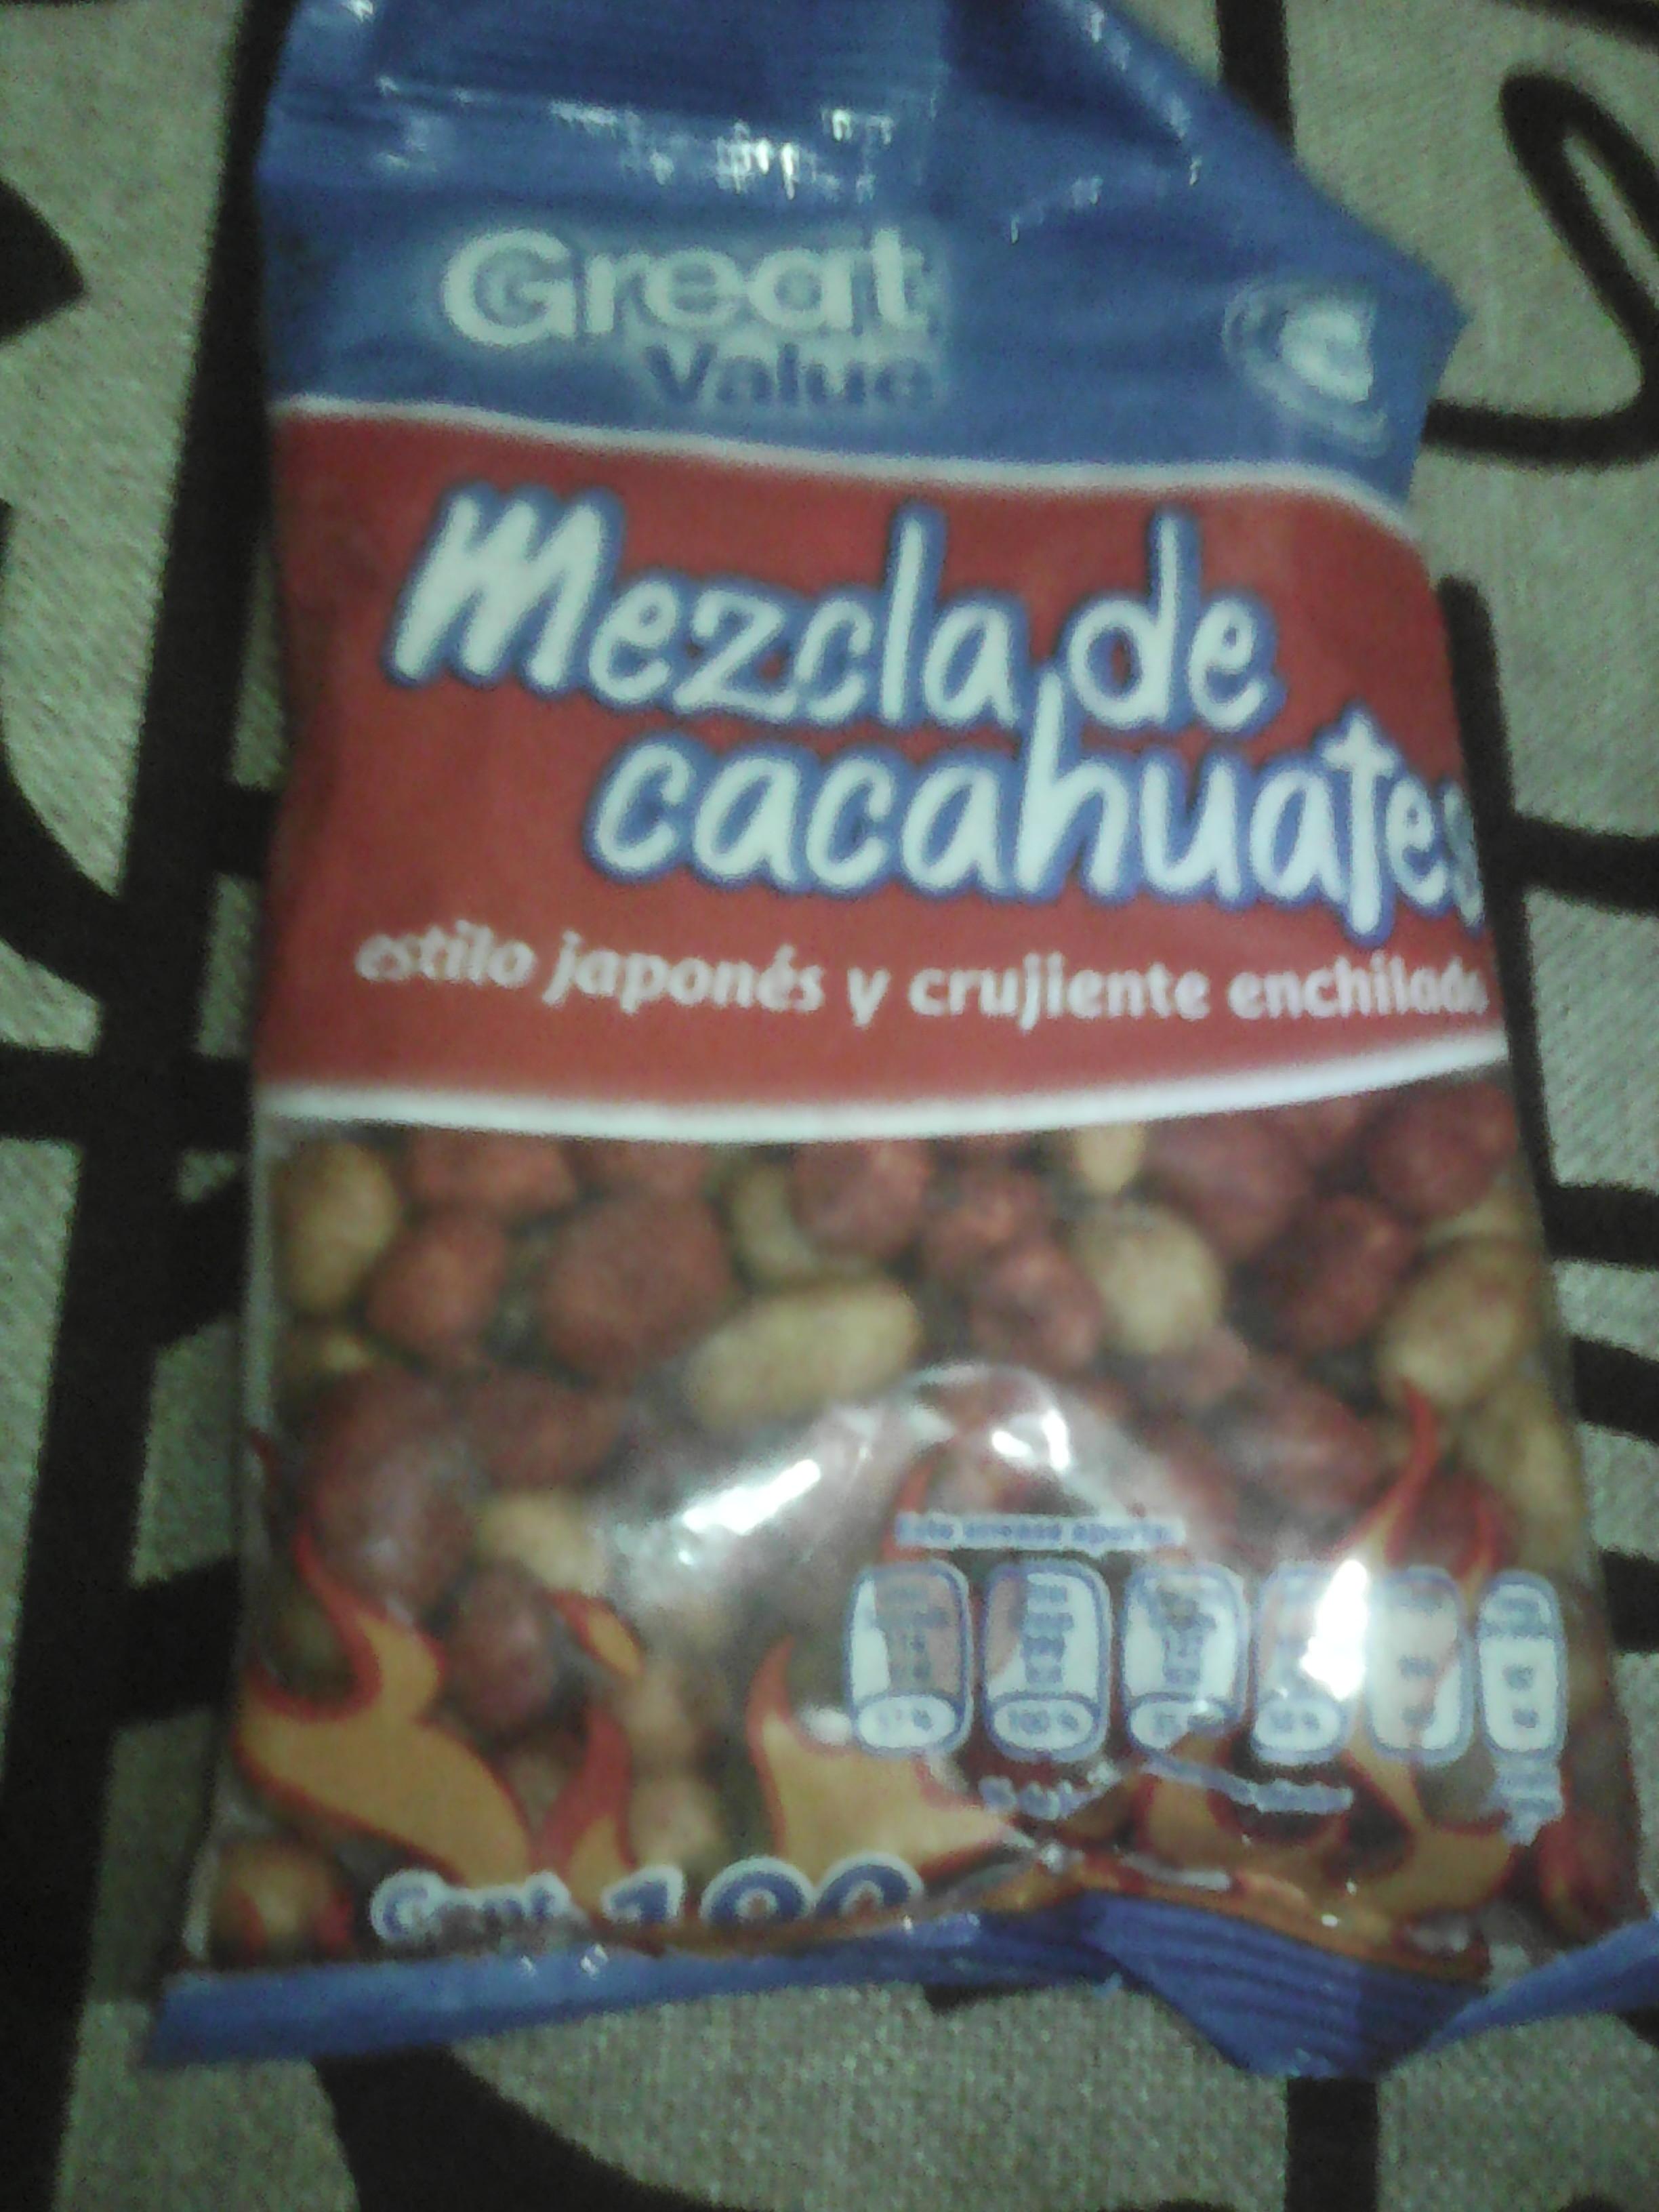 Walmart Hospital General: cacahuates de 190g a $5